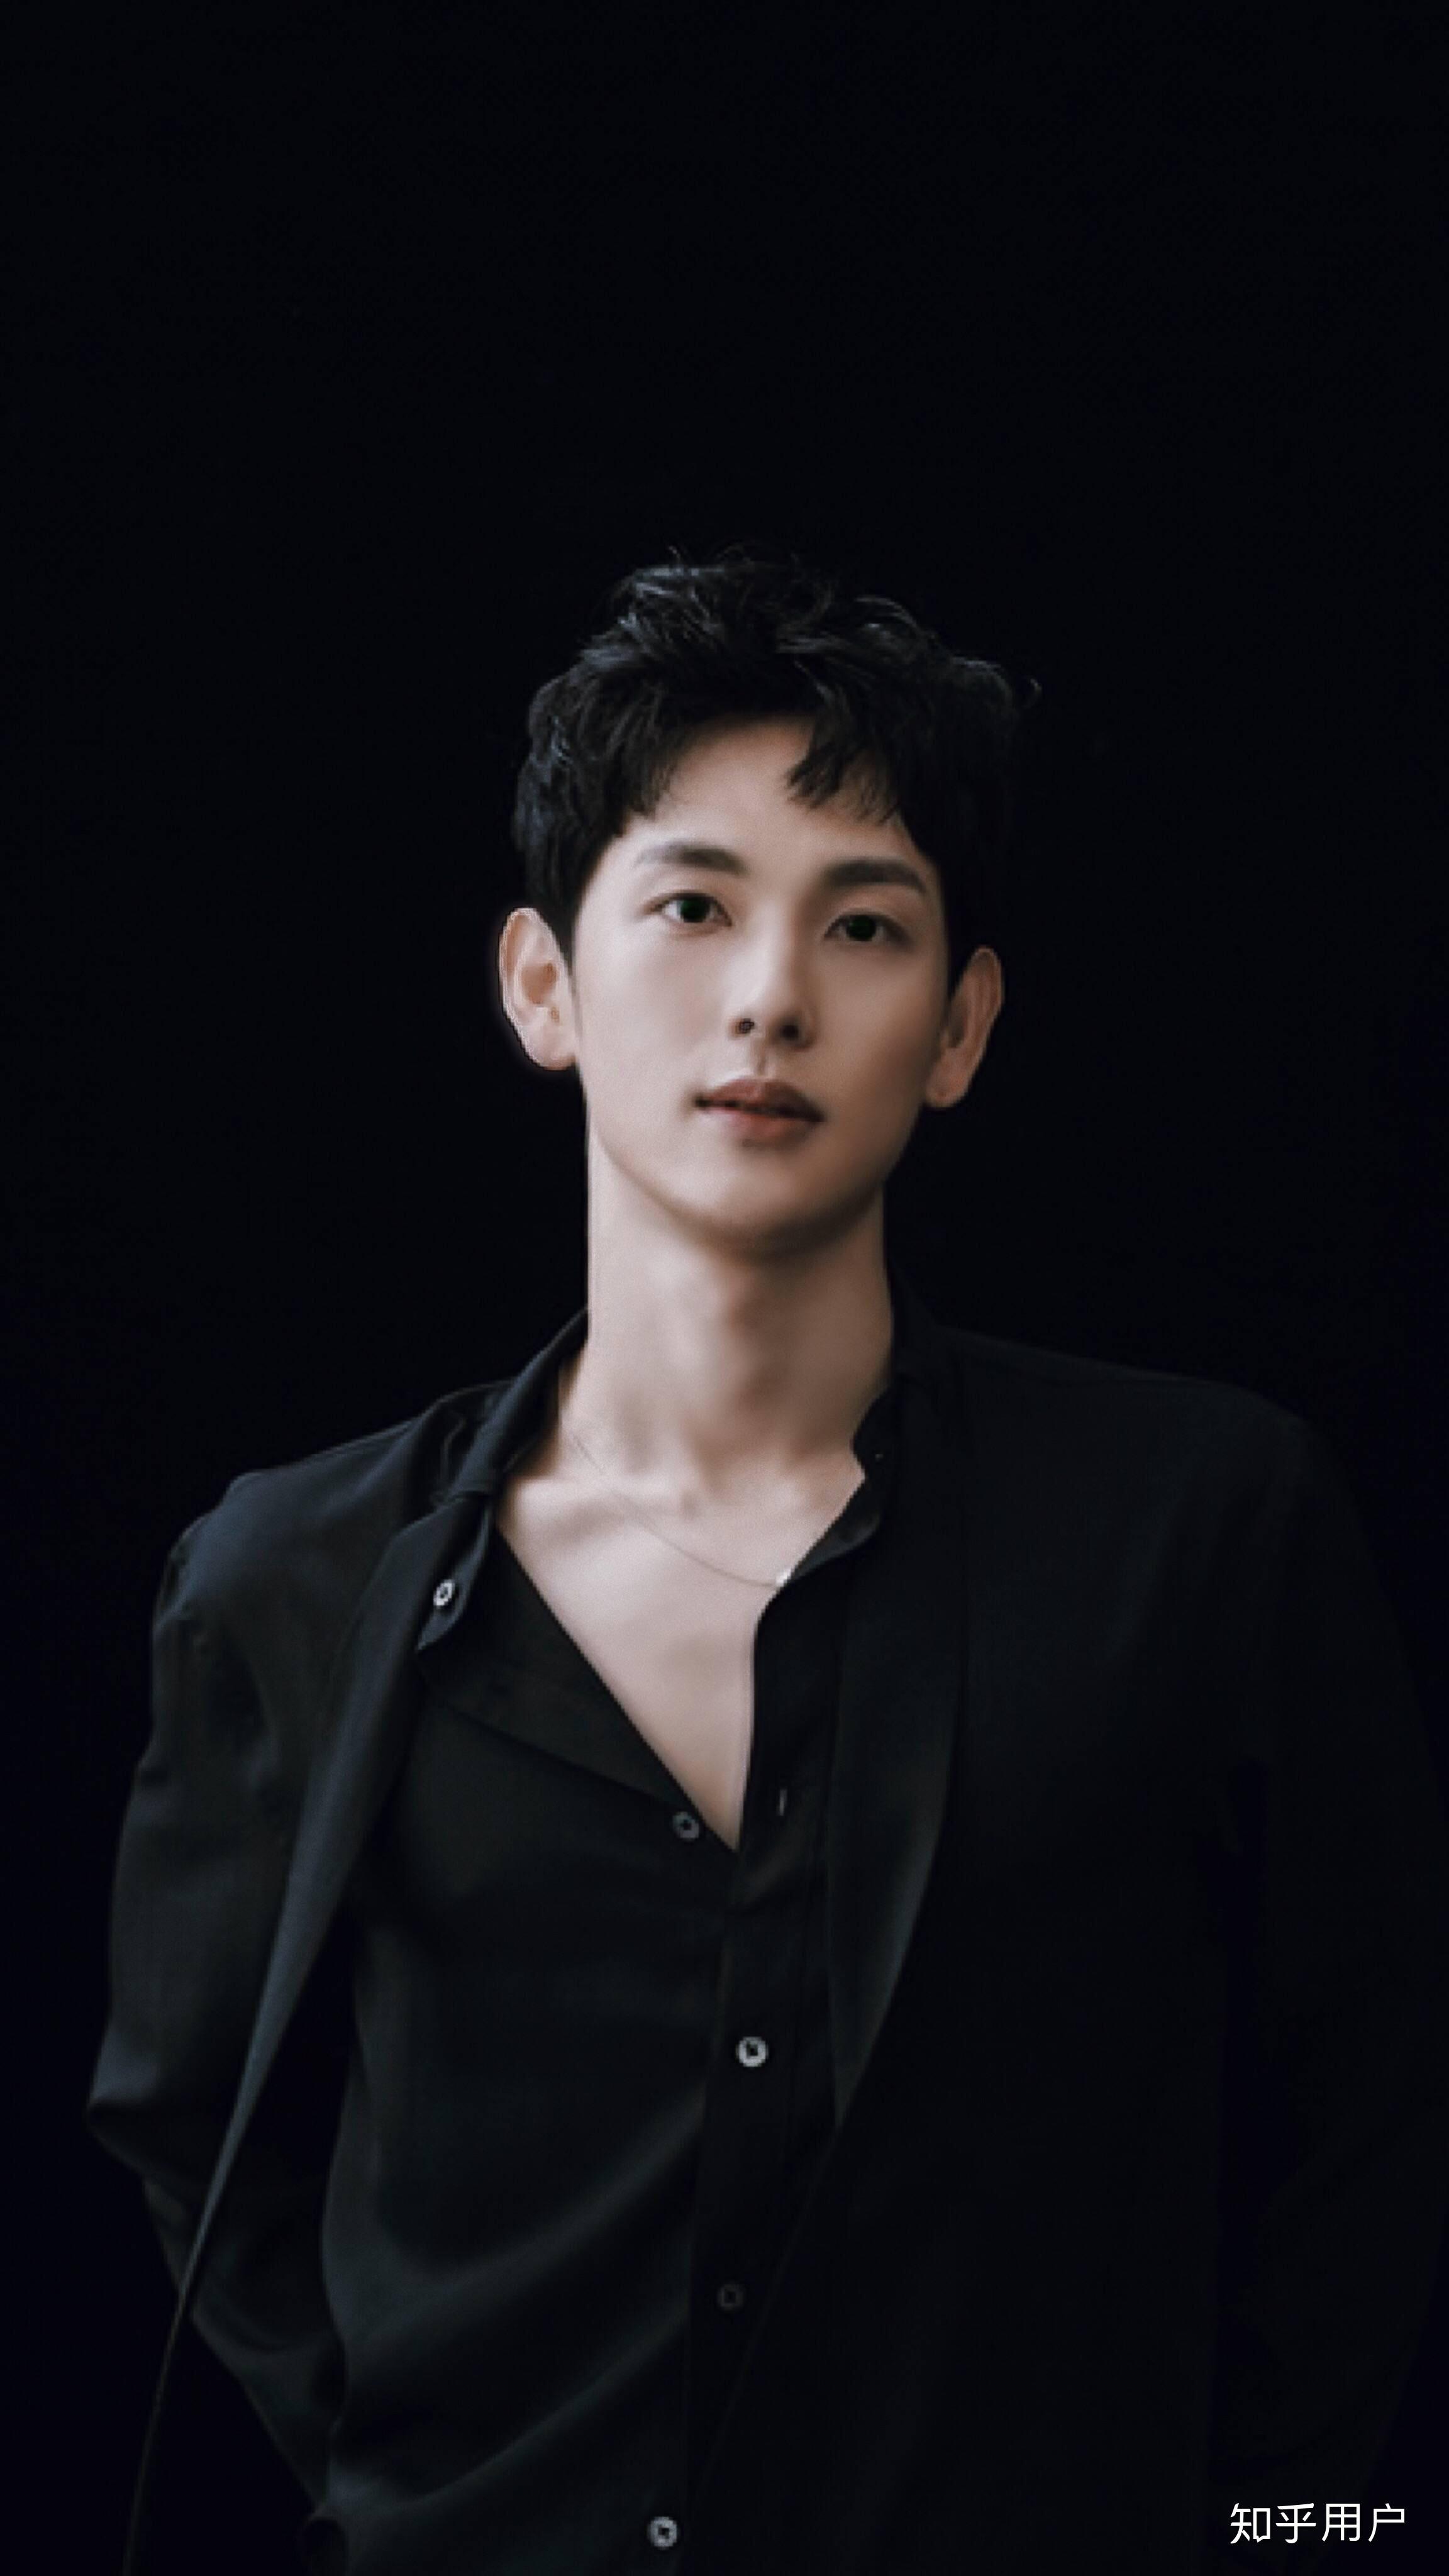 有魅力的男人_如何评价韩国演员任时完的外貌? - 知乎